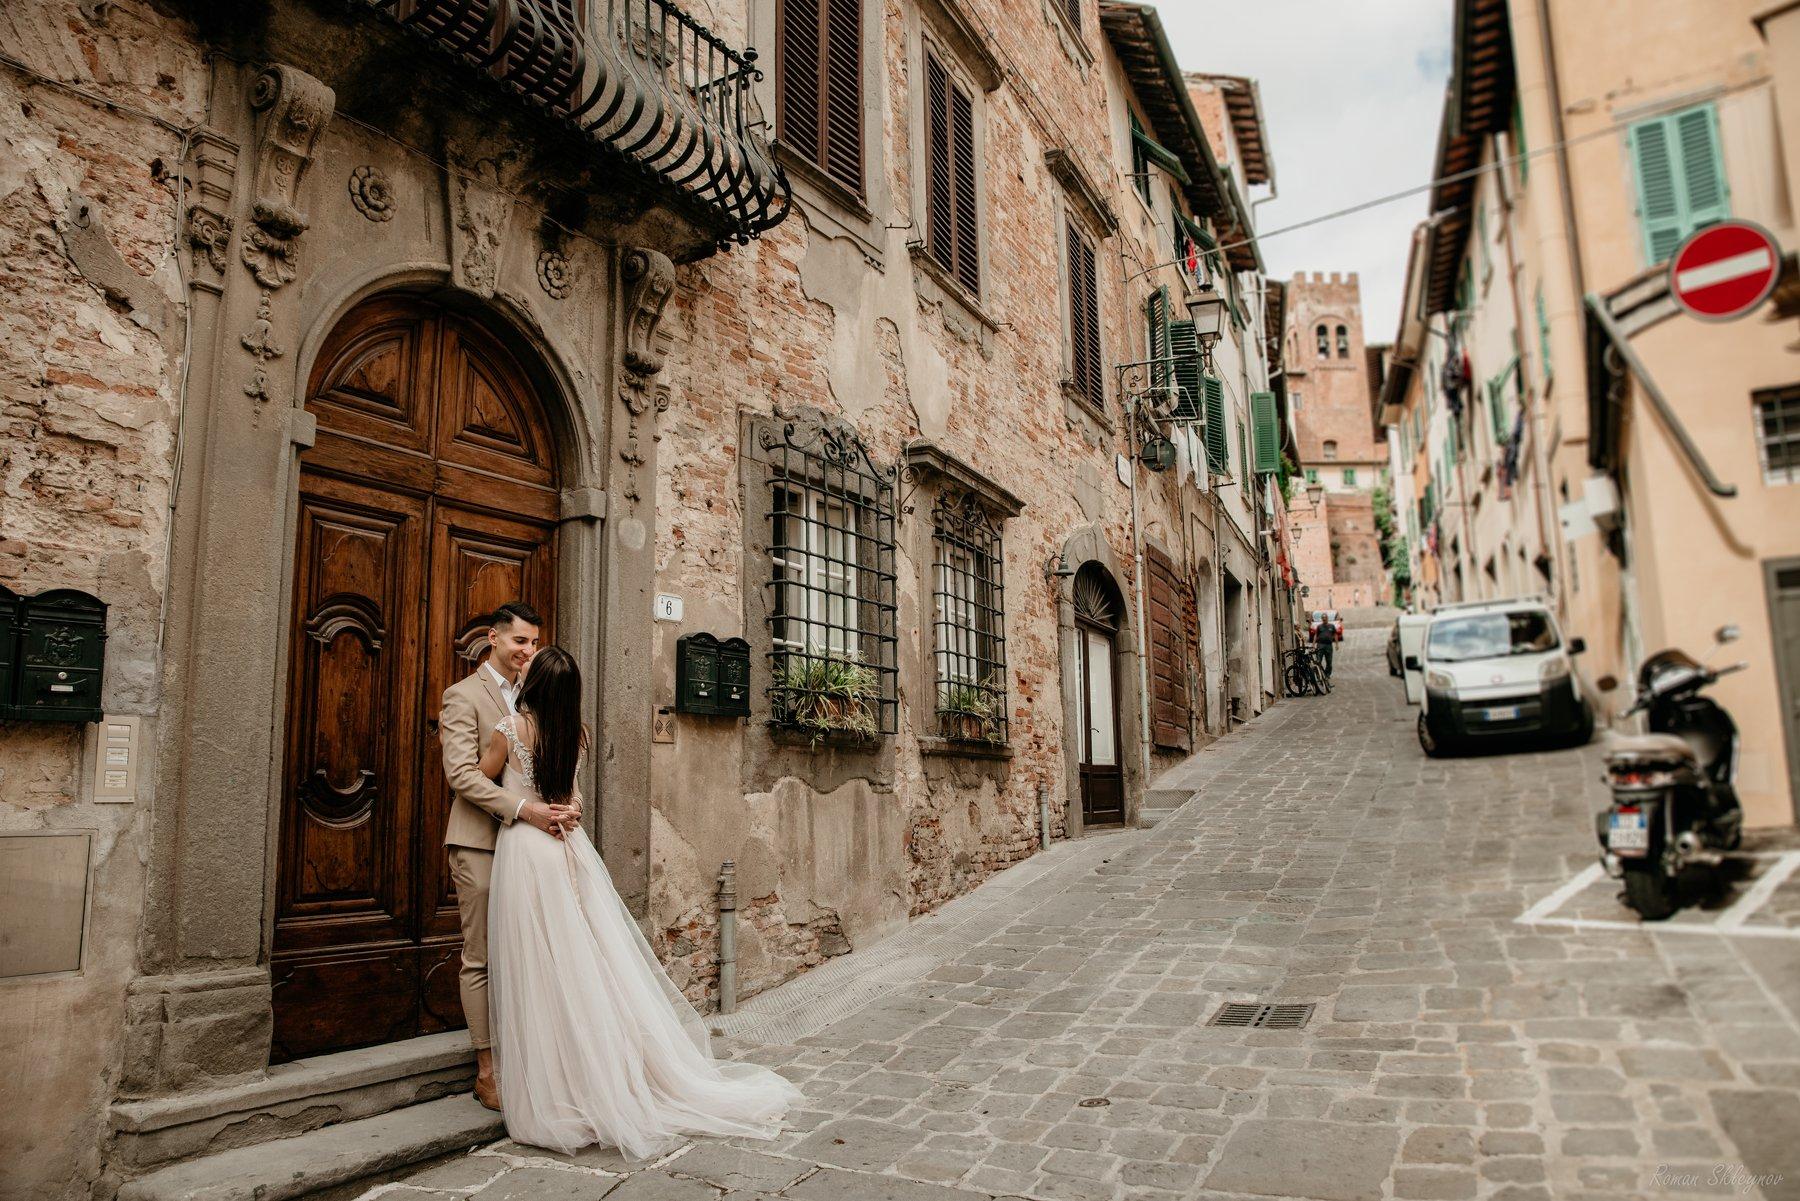 Италия, Italy, Florence, wedding, weddingitaly, свадьба в италии, свадьба, Склейнов Роман